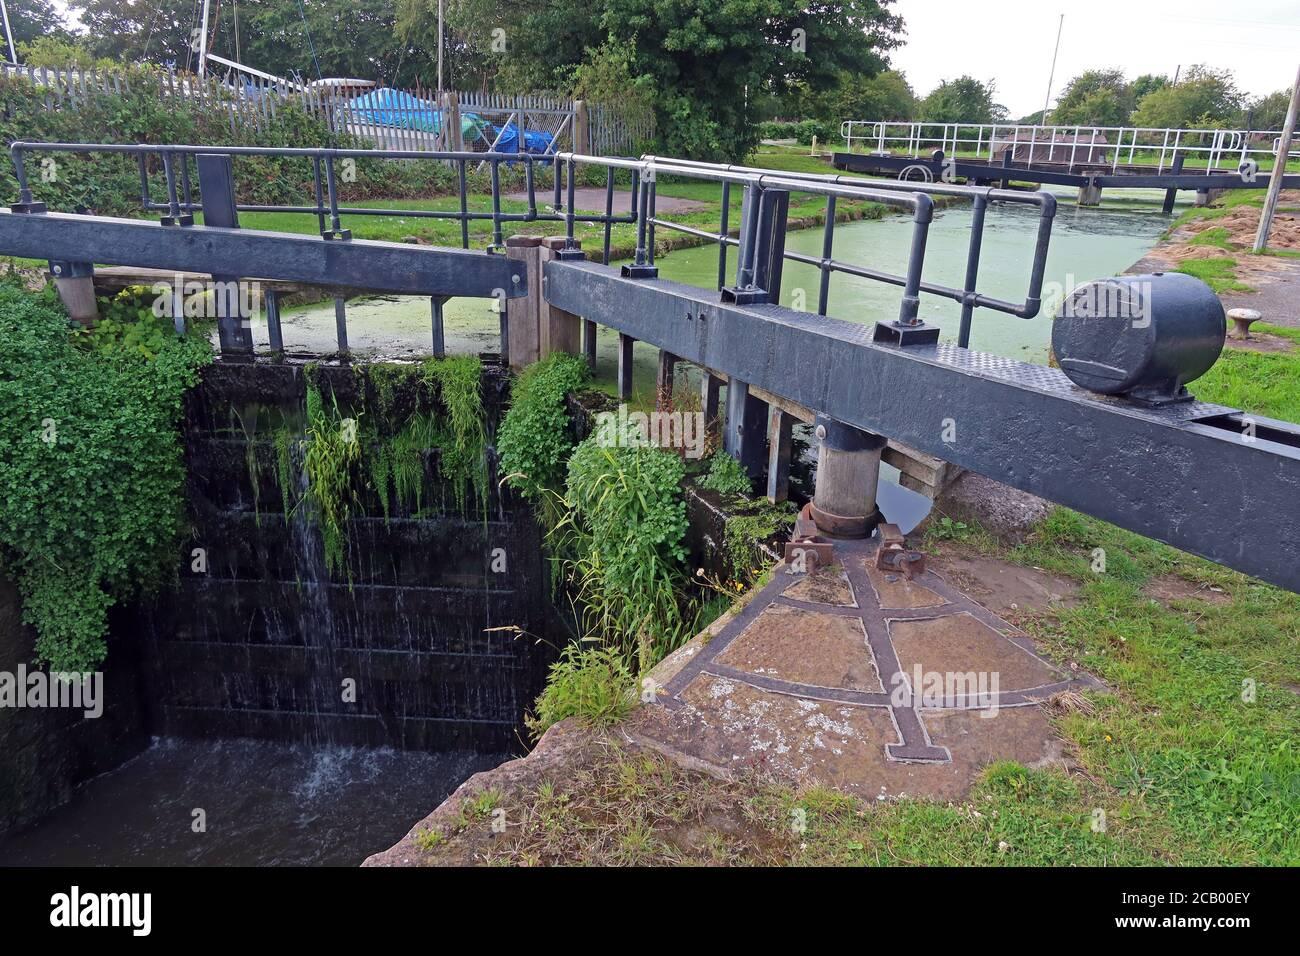 Dieses Stockfoto: Sankey Brook Navigation, später, St Helens Canal, Fiddlers Ferry, Schleuse zur Verbindung mit Mersey, Penketh, Warrington, Cheshire, England, Großbritannien - 2CB00E